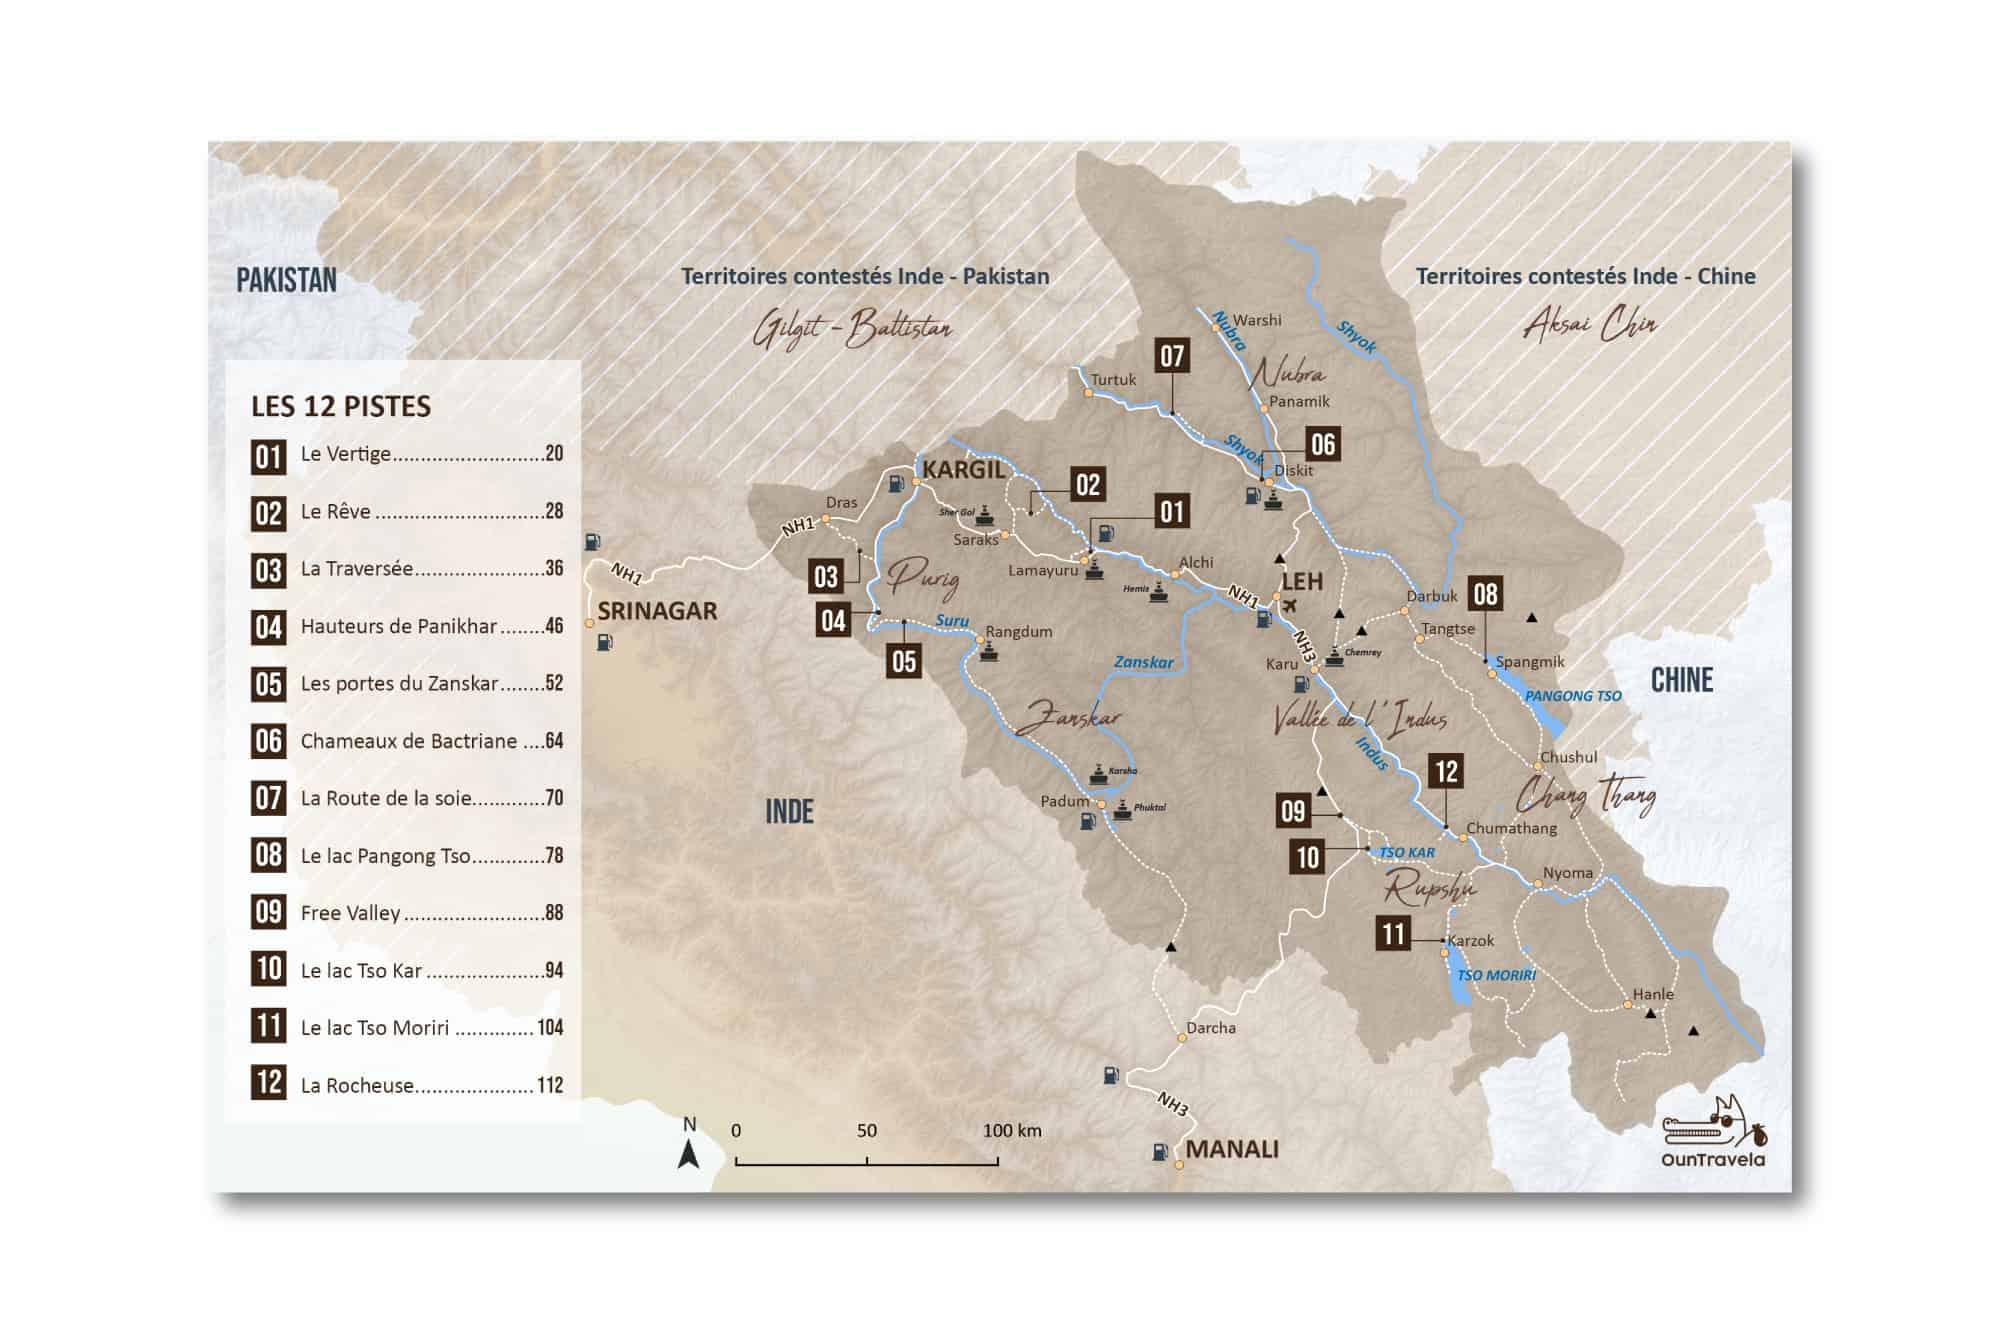 routes et pistes du Kirghizistan sur une carte topographique. Tous les sites touristiques indiqués